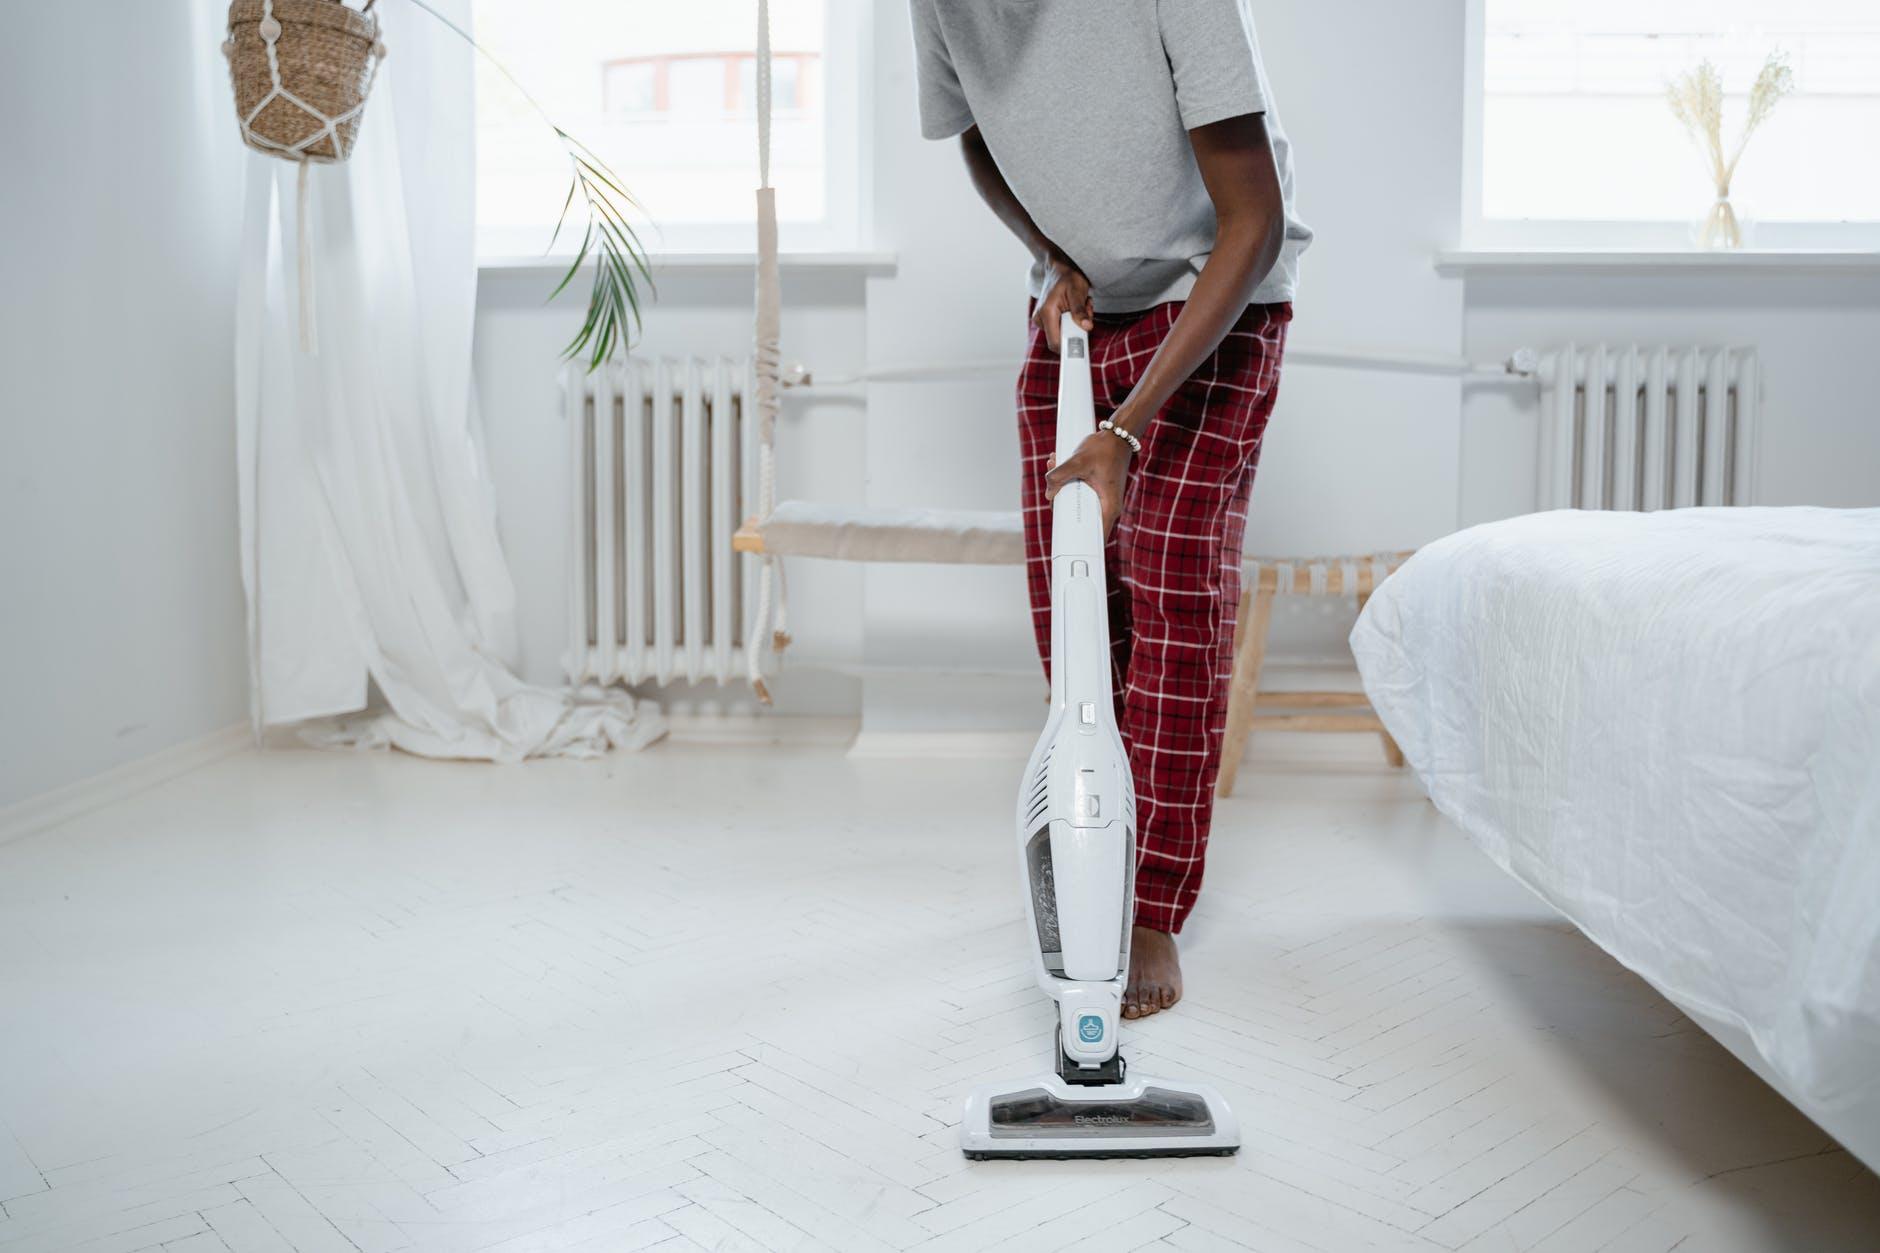 Kelebihan Membersihkan Apartemen Menggunakan Vacuum Cleaner